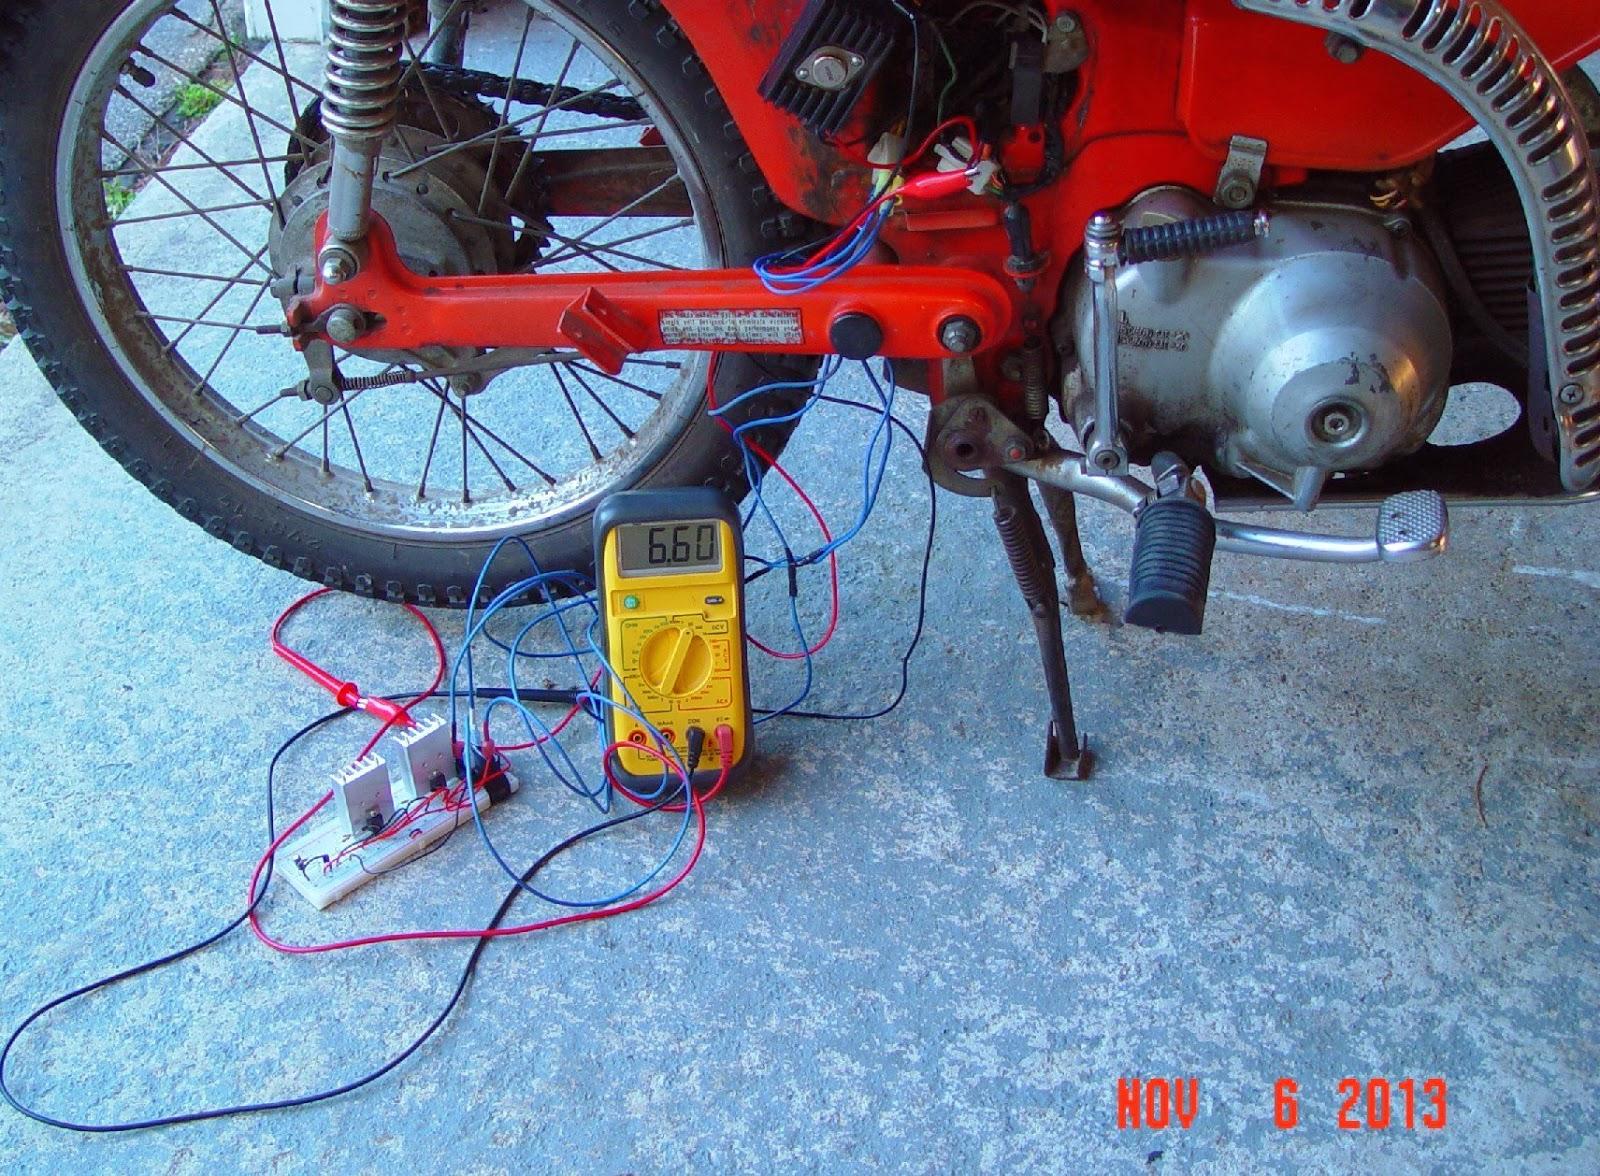 6 Volts Motorcycle Regulator | Techy at day, Blogger at noon, and a ...